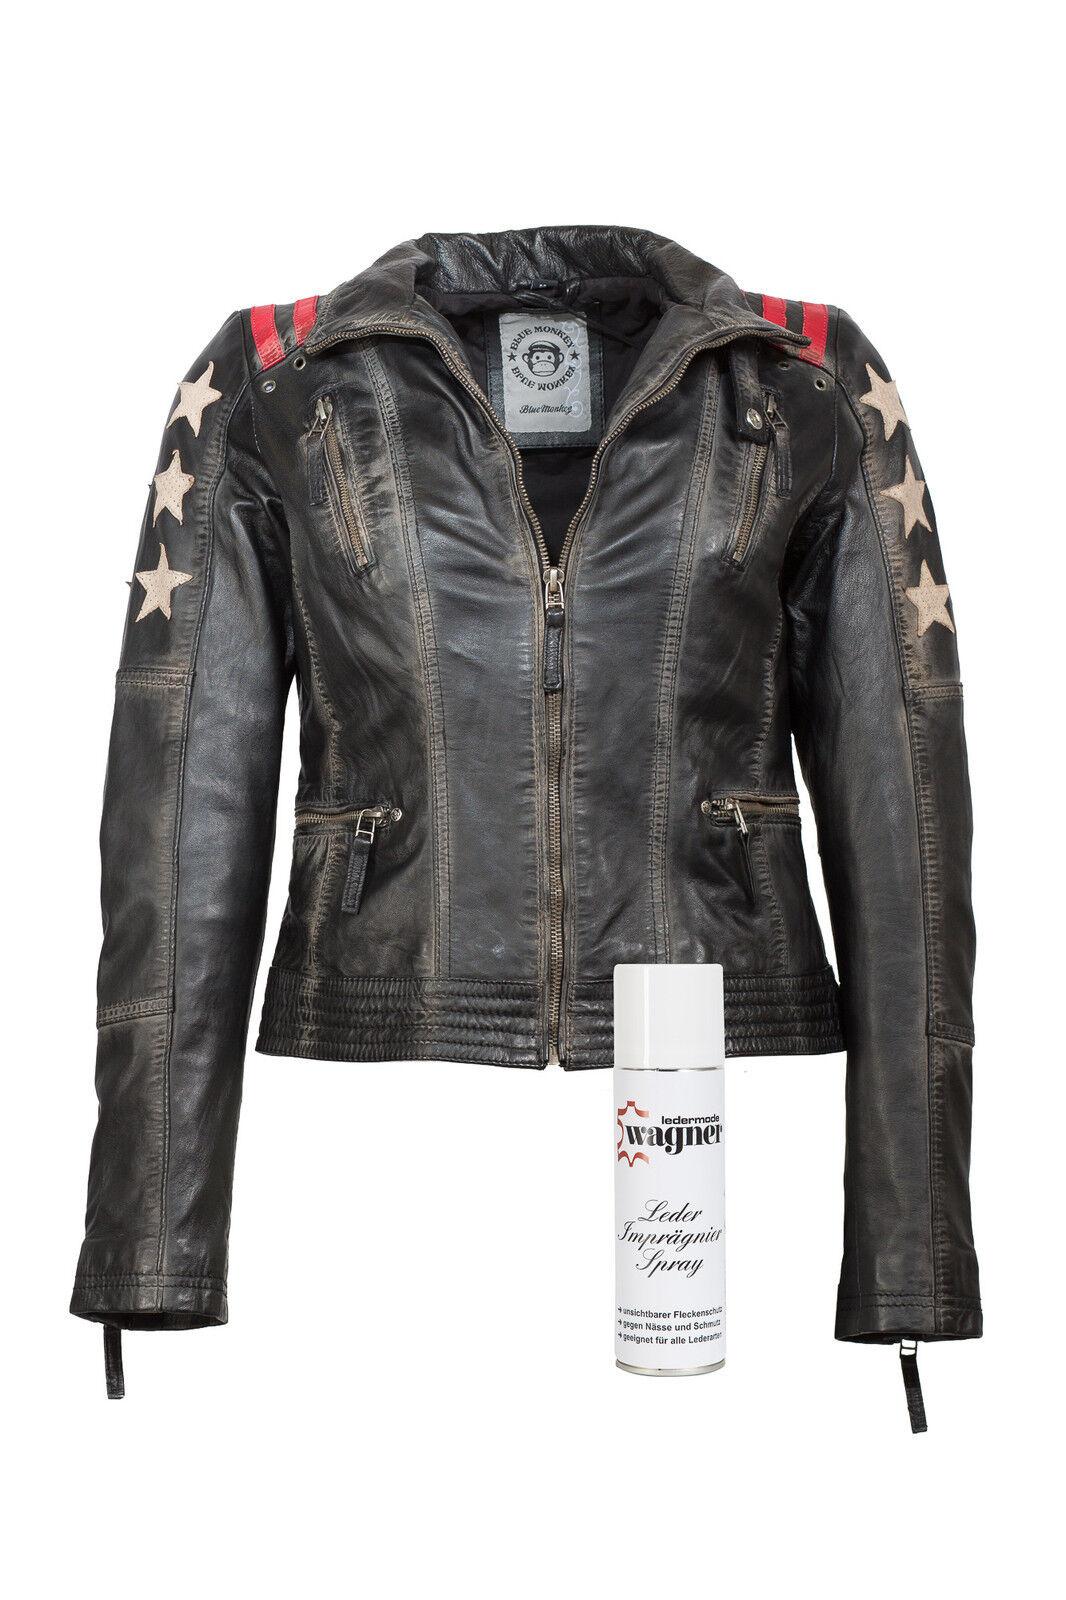 Lederjacke Damenjacke Bikerjacke schwarz Sterne Monkey Blau